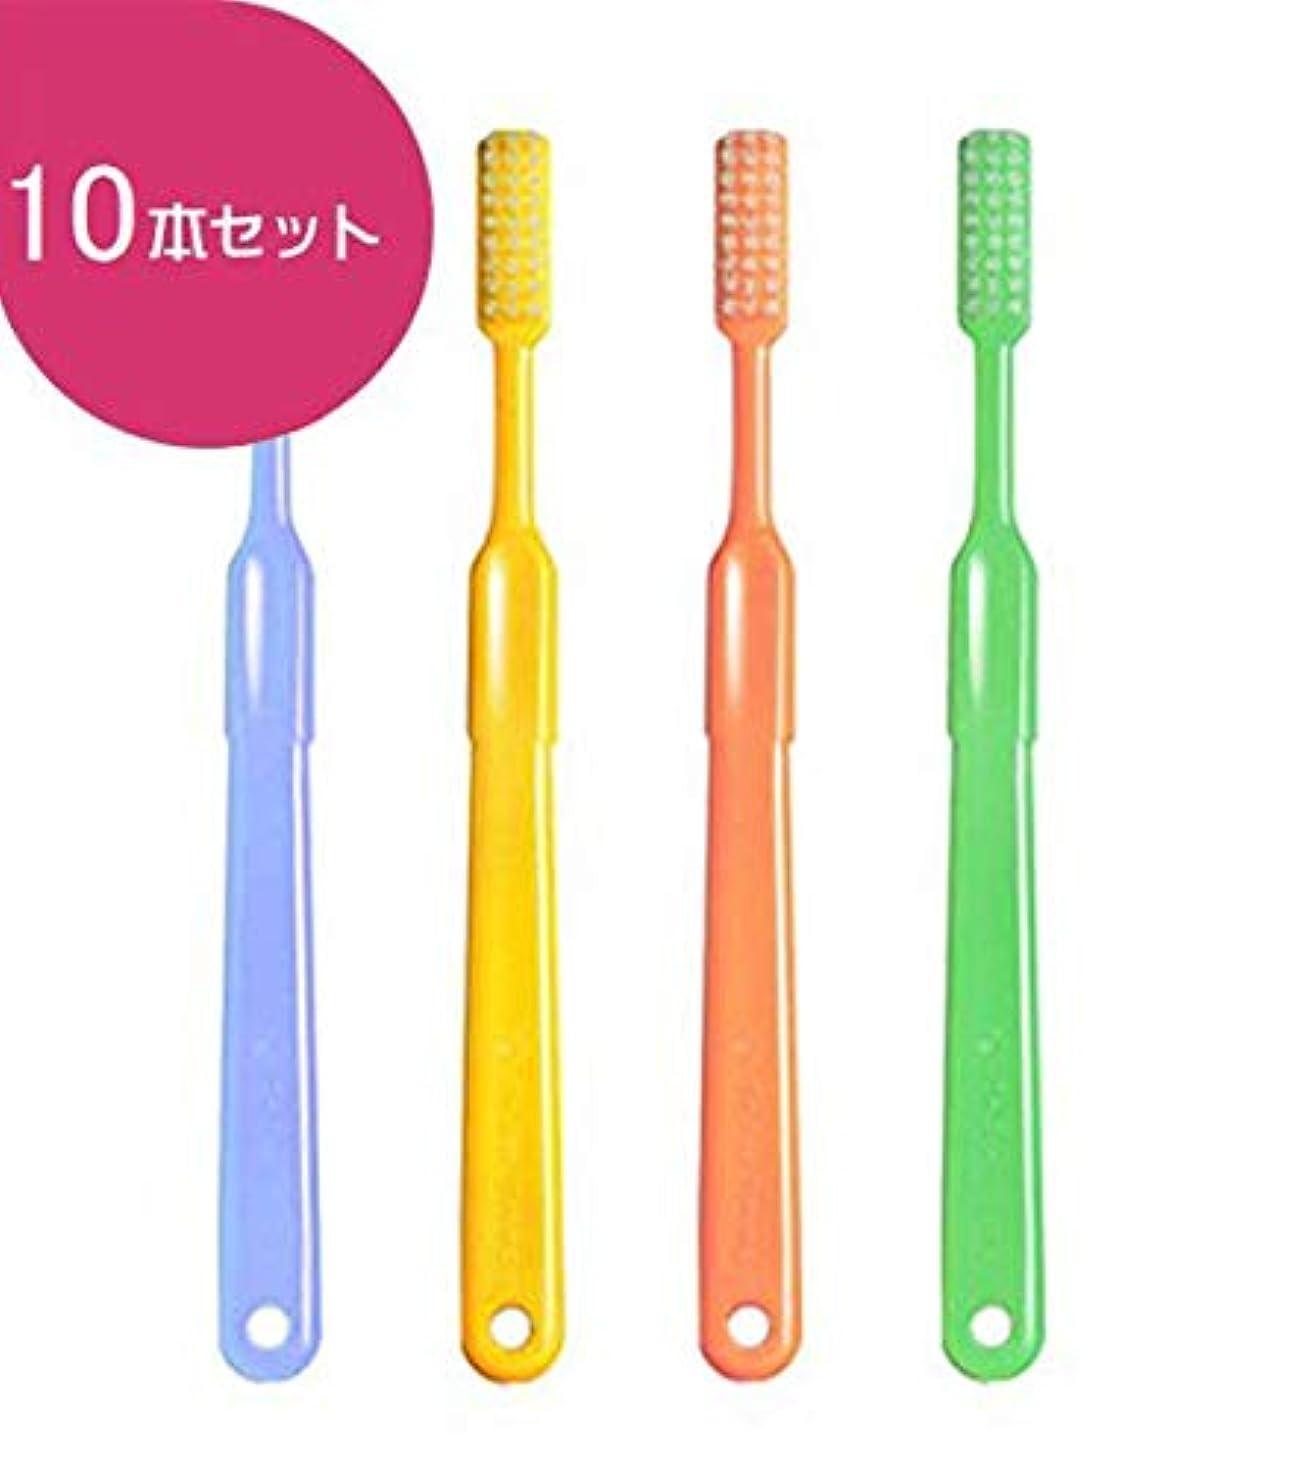 どきどき悔い改め君主制ビーブランド ドクター ビーヤング 歯ブラシ 10本 (ヤング)